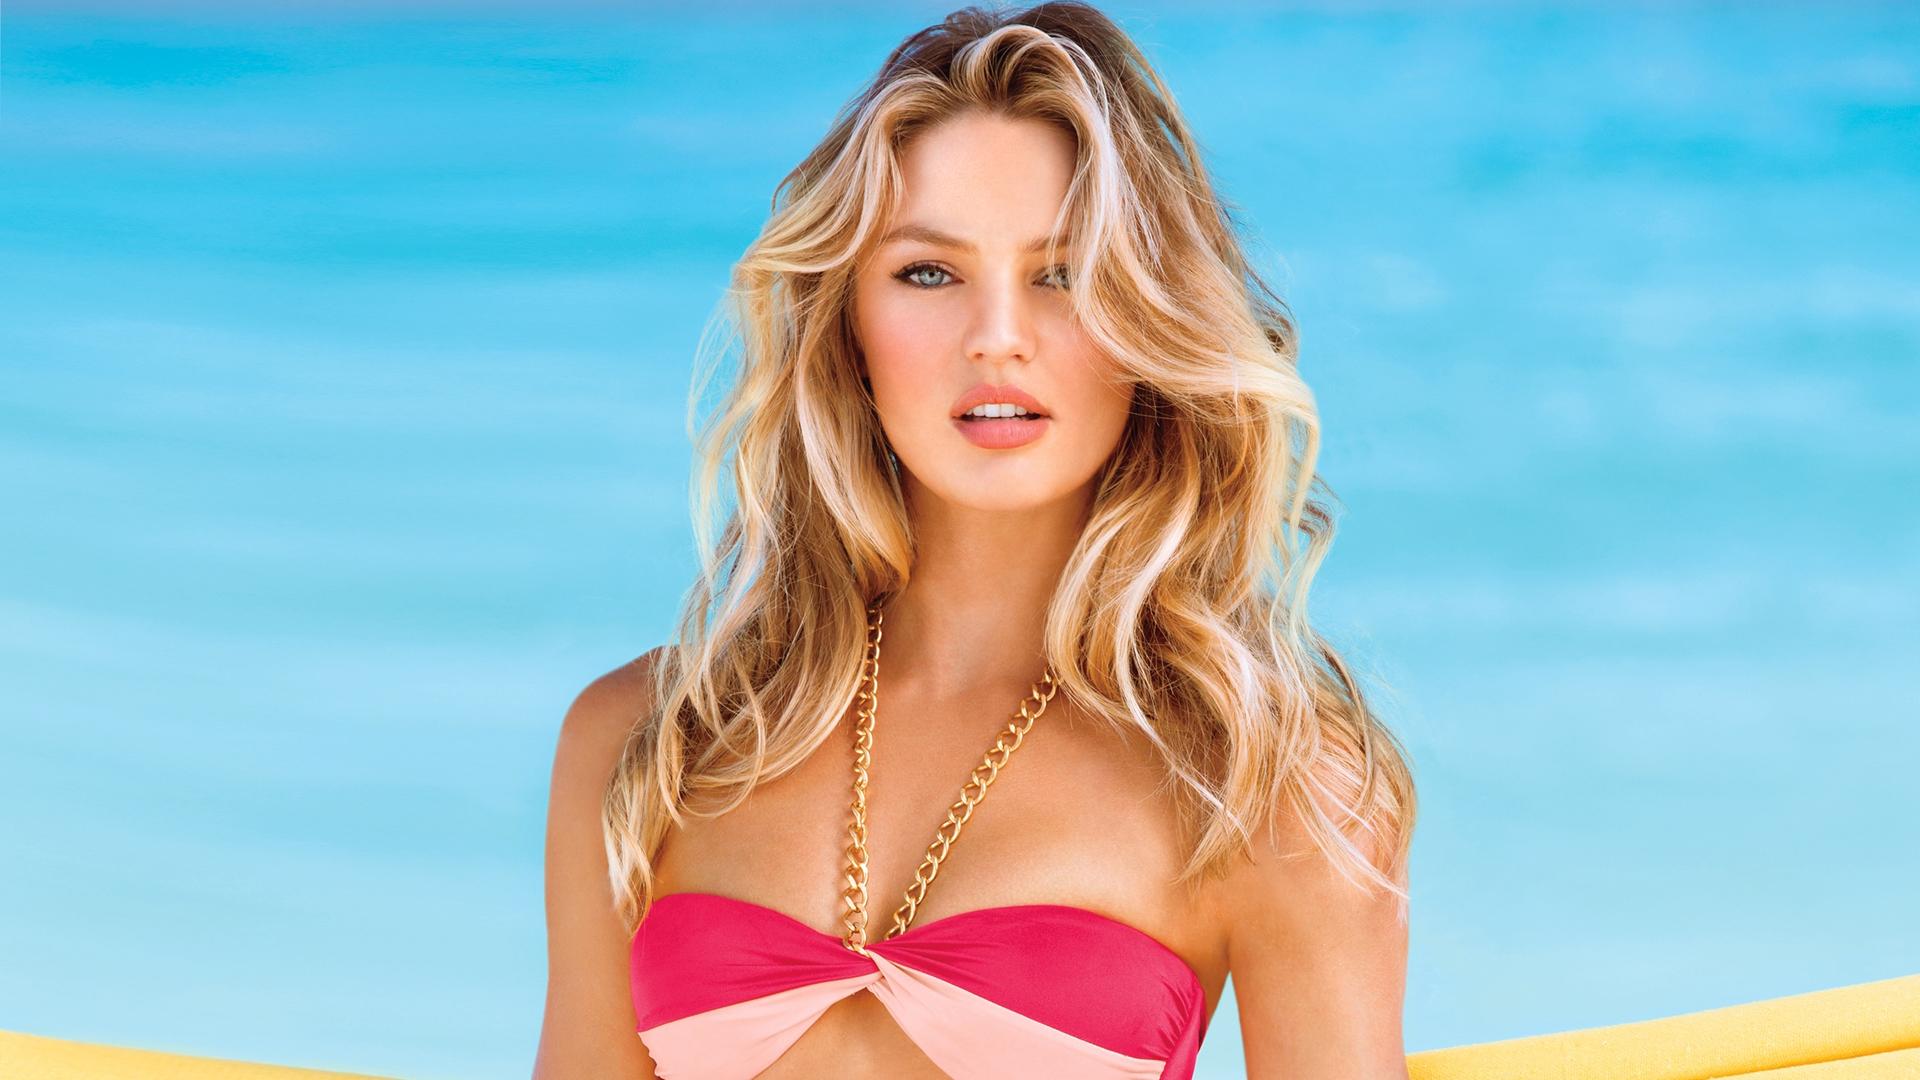 Candice, una de las modelos más fotografiadas para las campañas de Victoria's Secret Swimwear